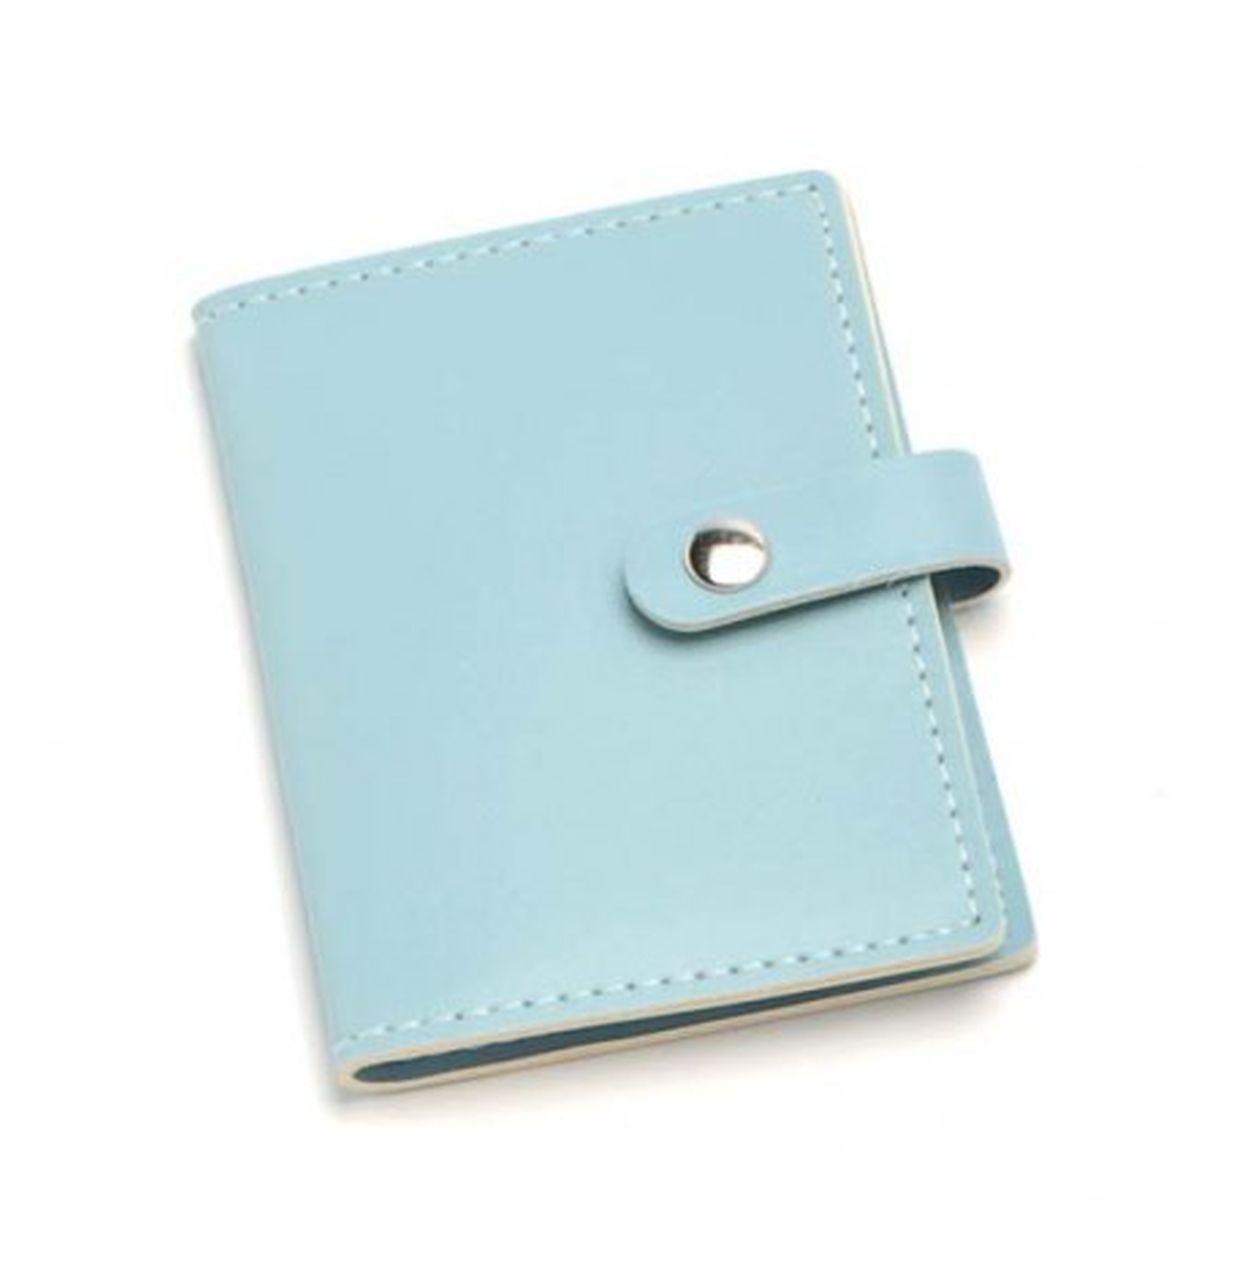 Portabiglietti da visita azzurro cm.11x7,5x1h